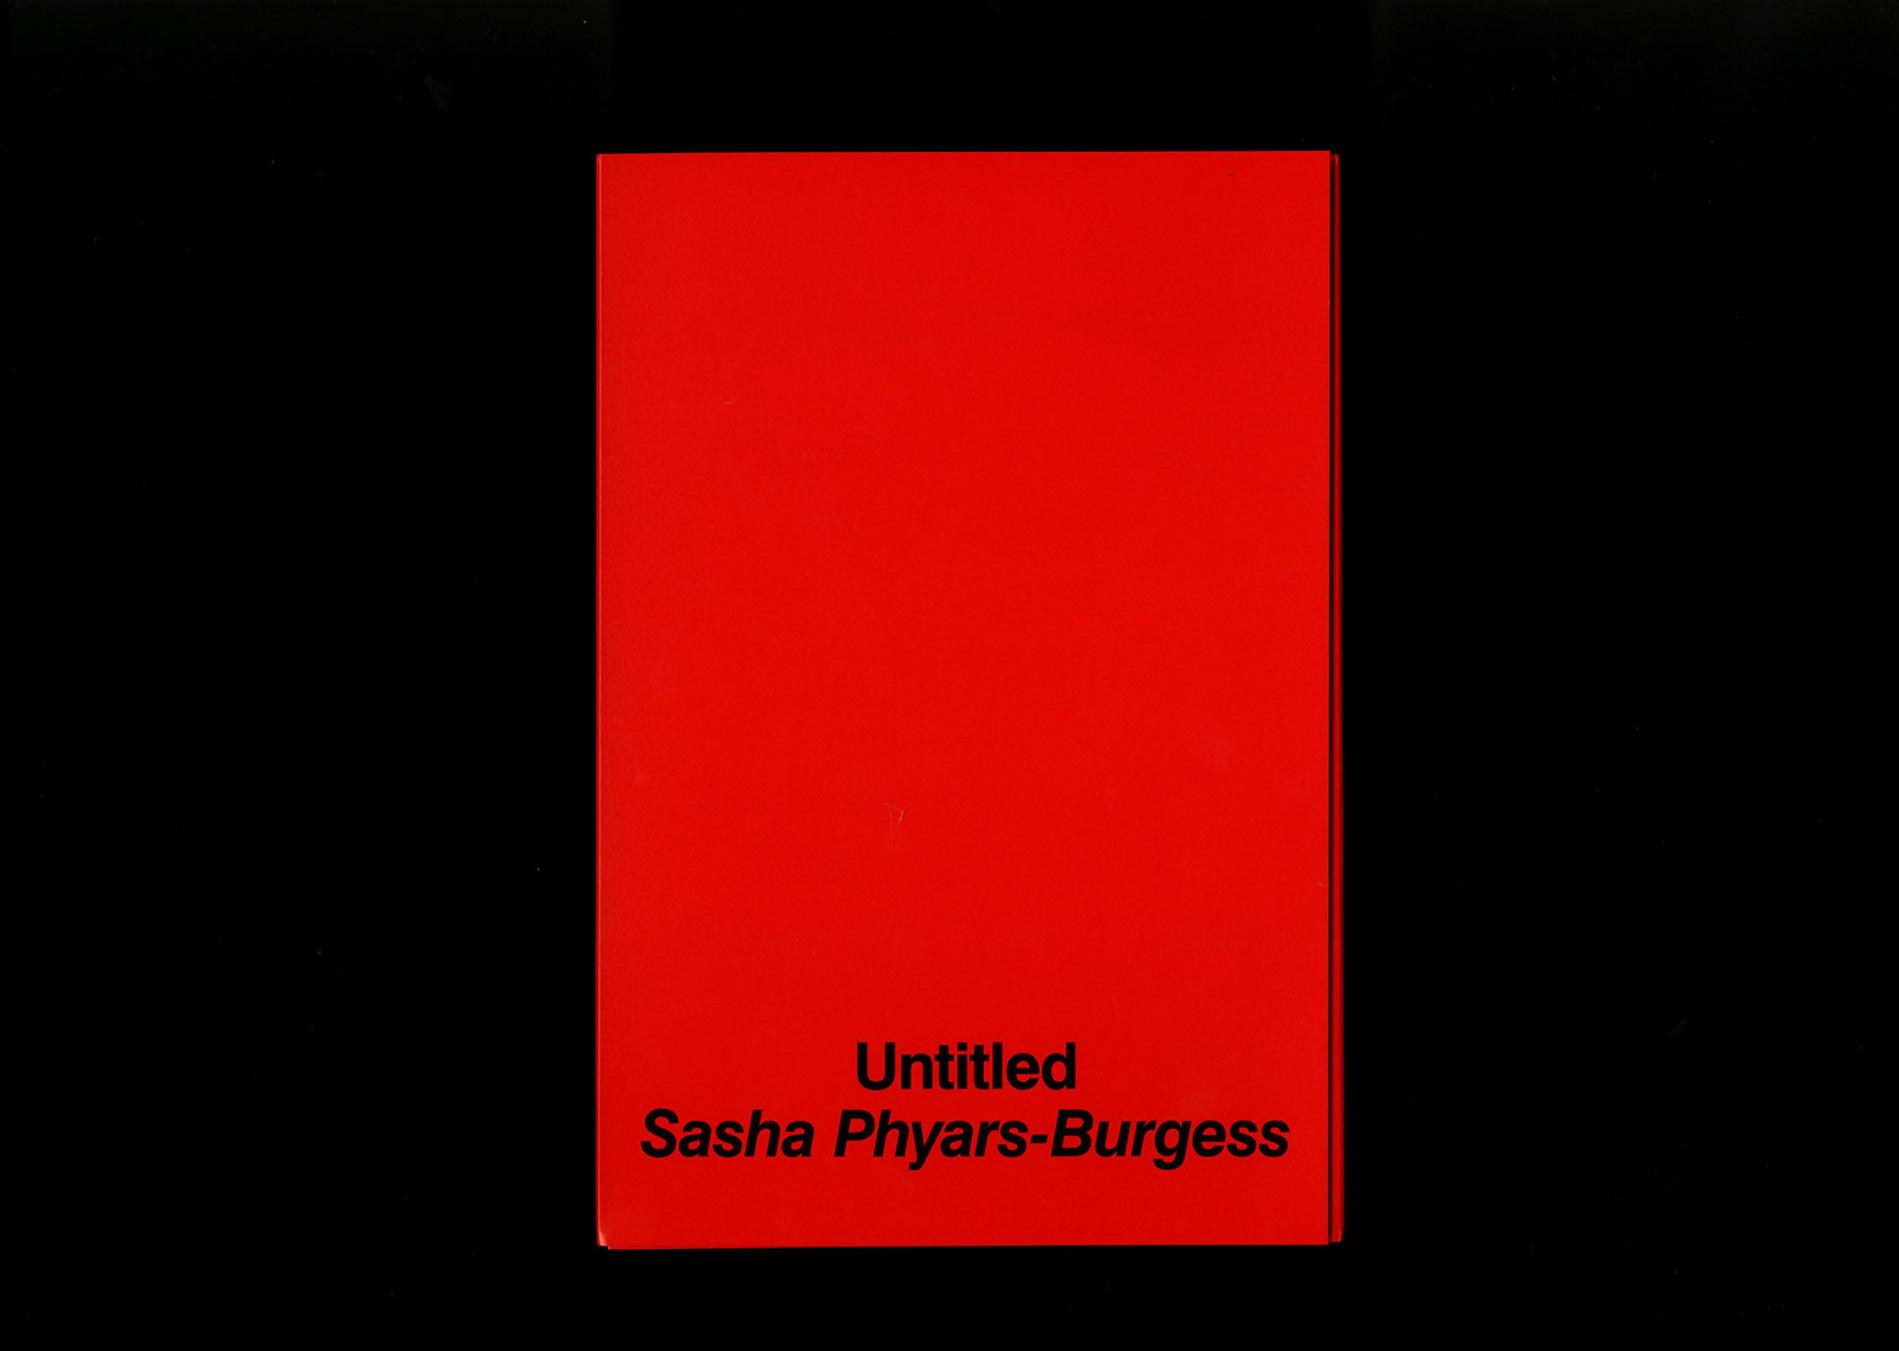 Capricious Publishing Untitled by Sasha Phyars-Burgess